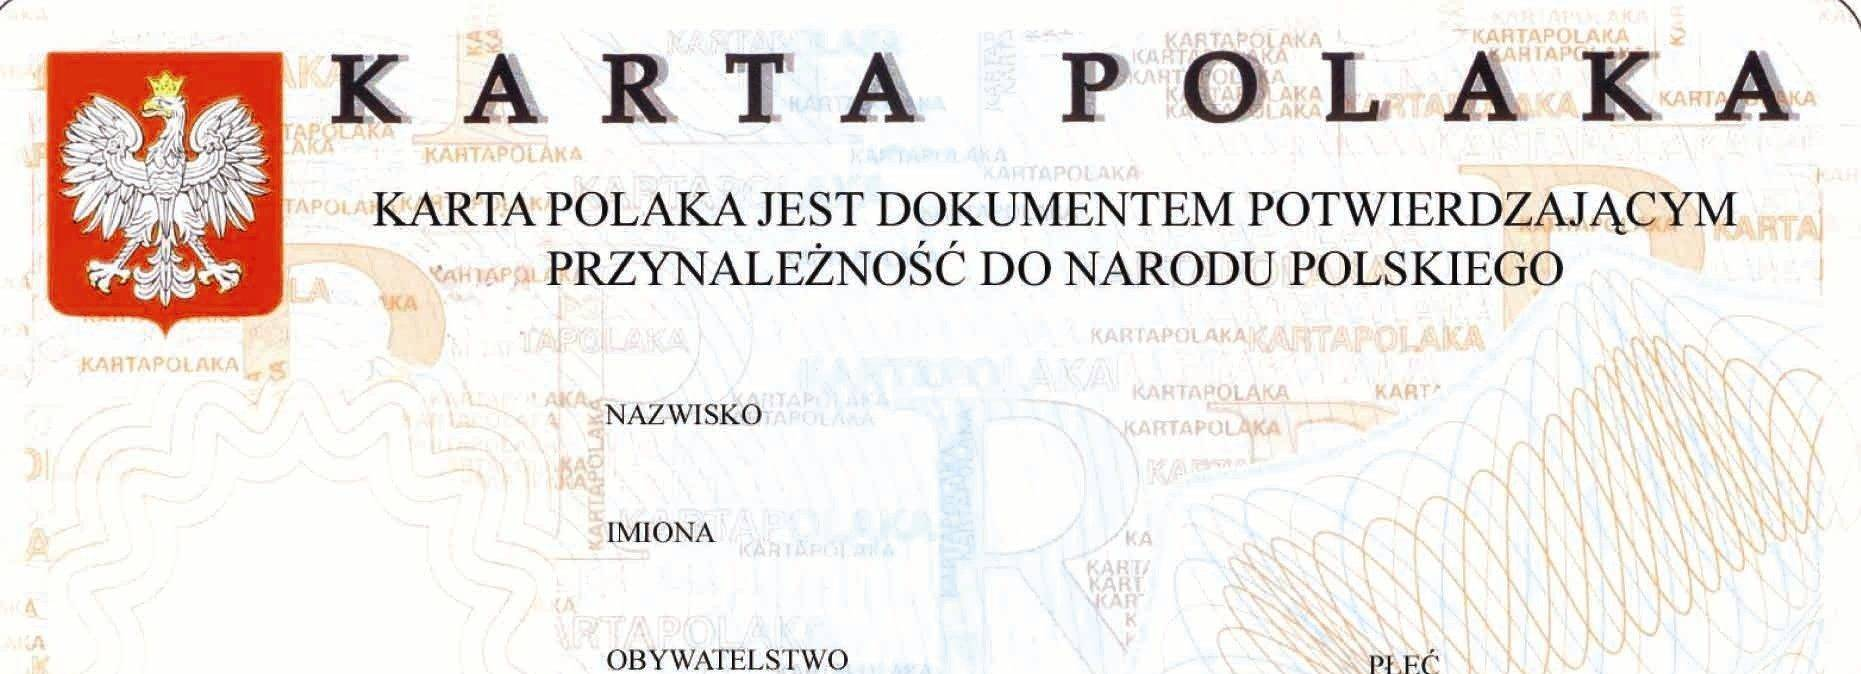 Хотите знать, как украинцу получить карту поляка и какие документы для этого нужны?